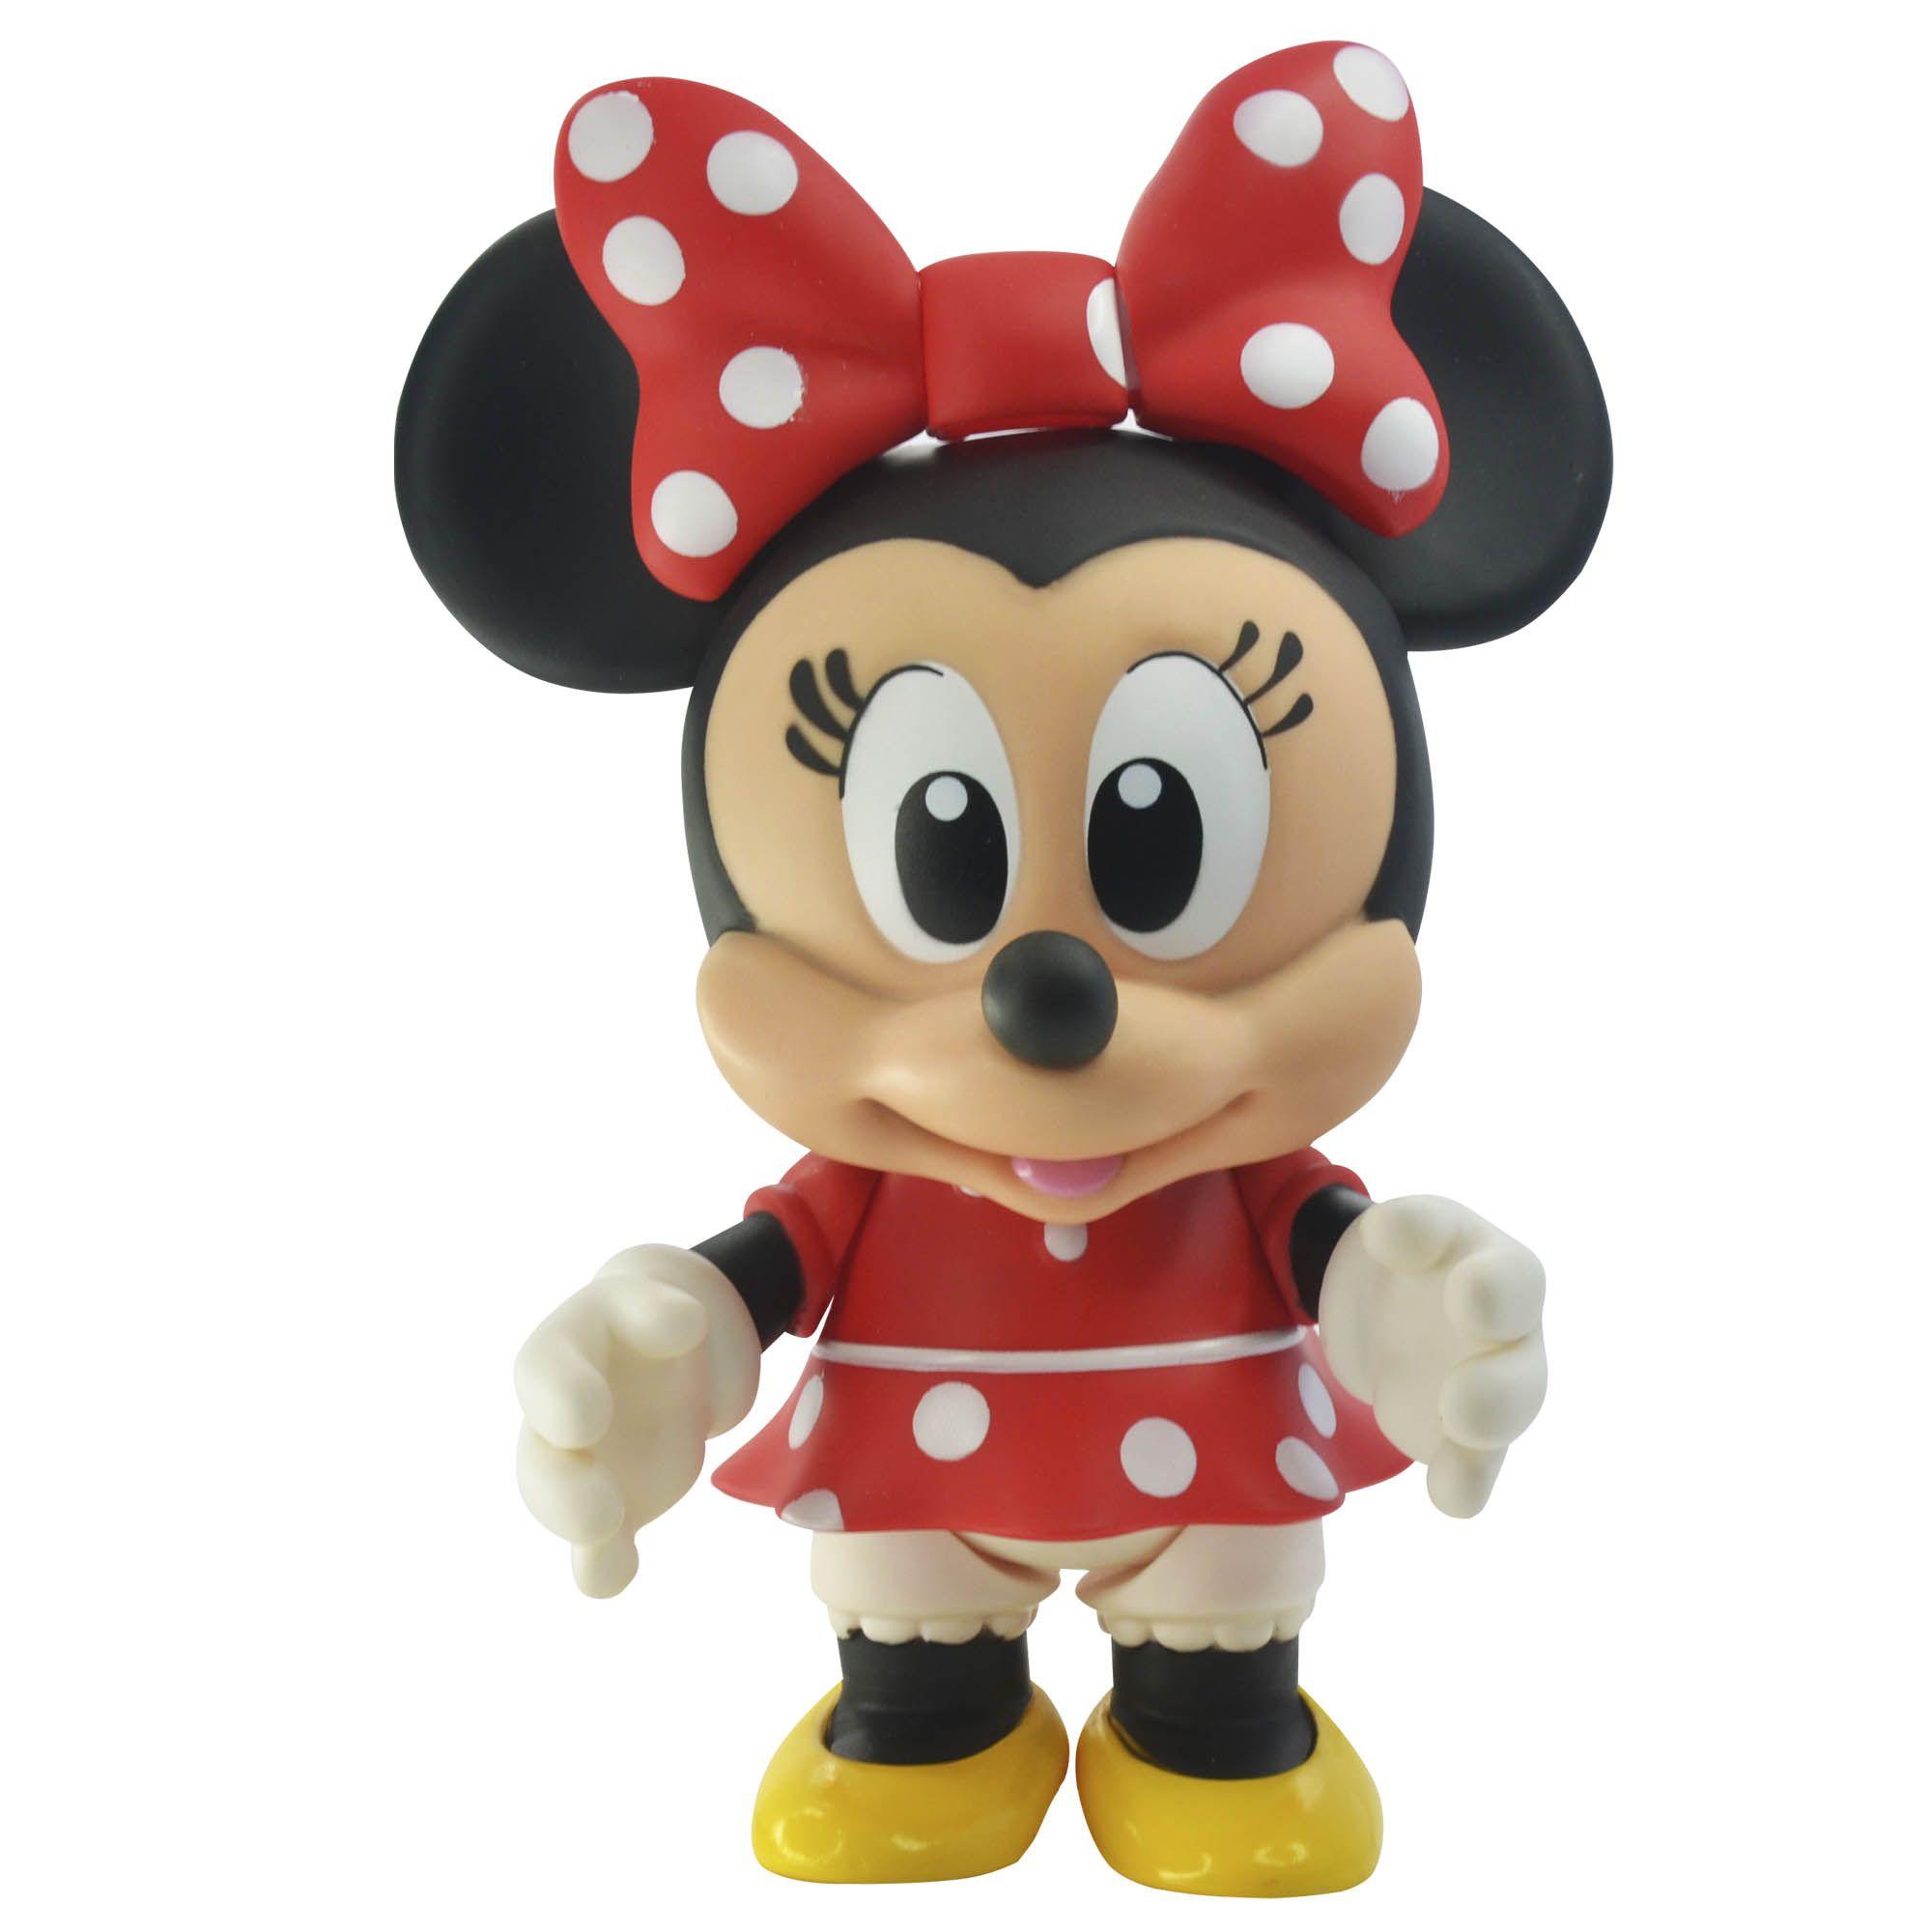 Boneco Minnie